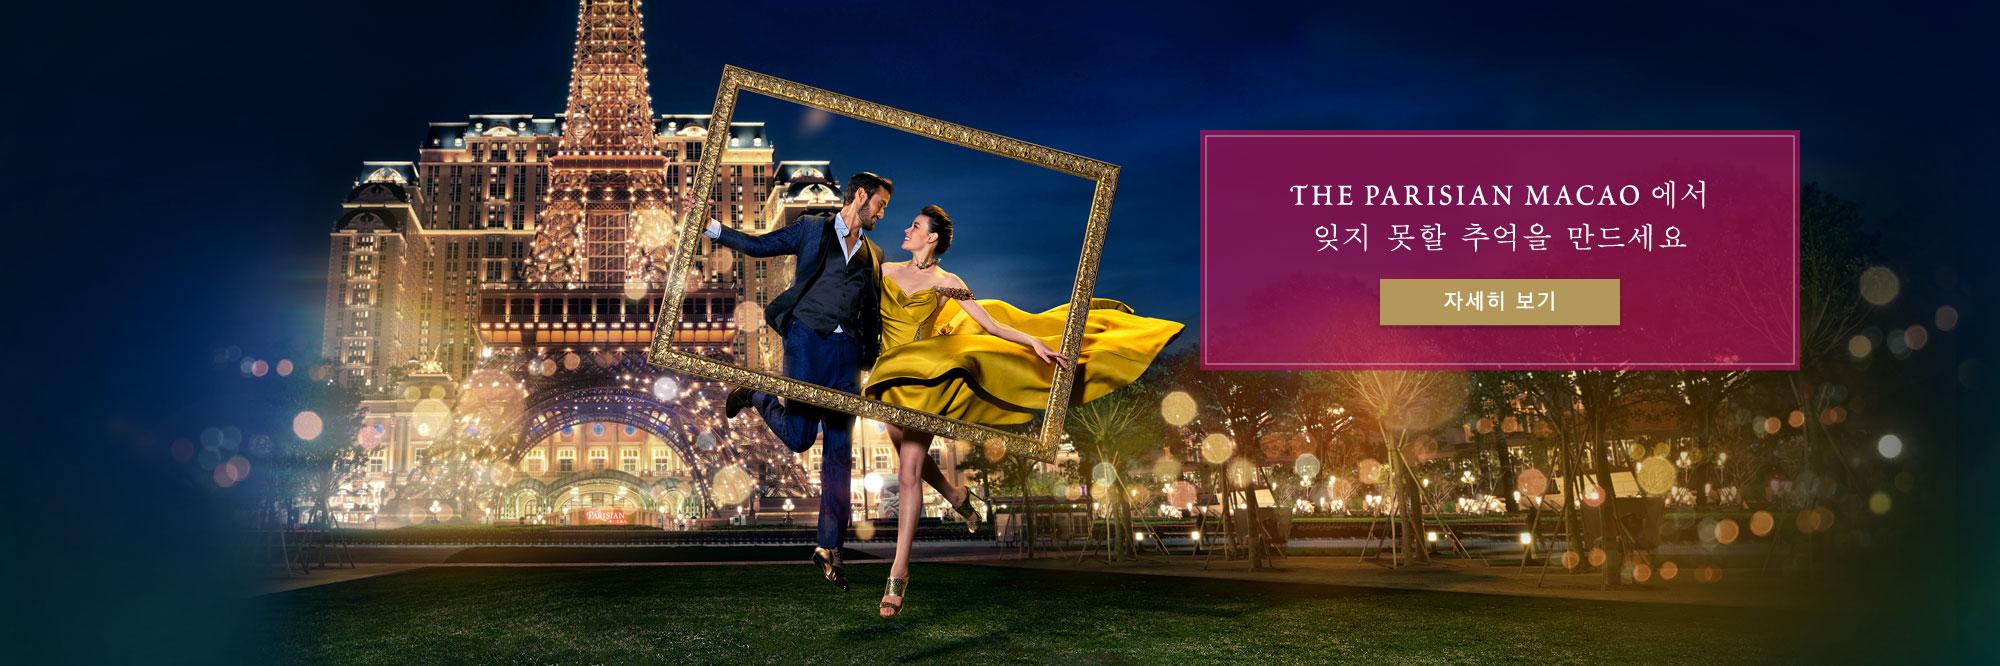 Parisian Macao Brand Story